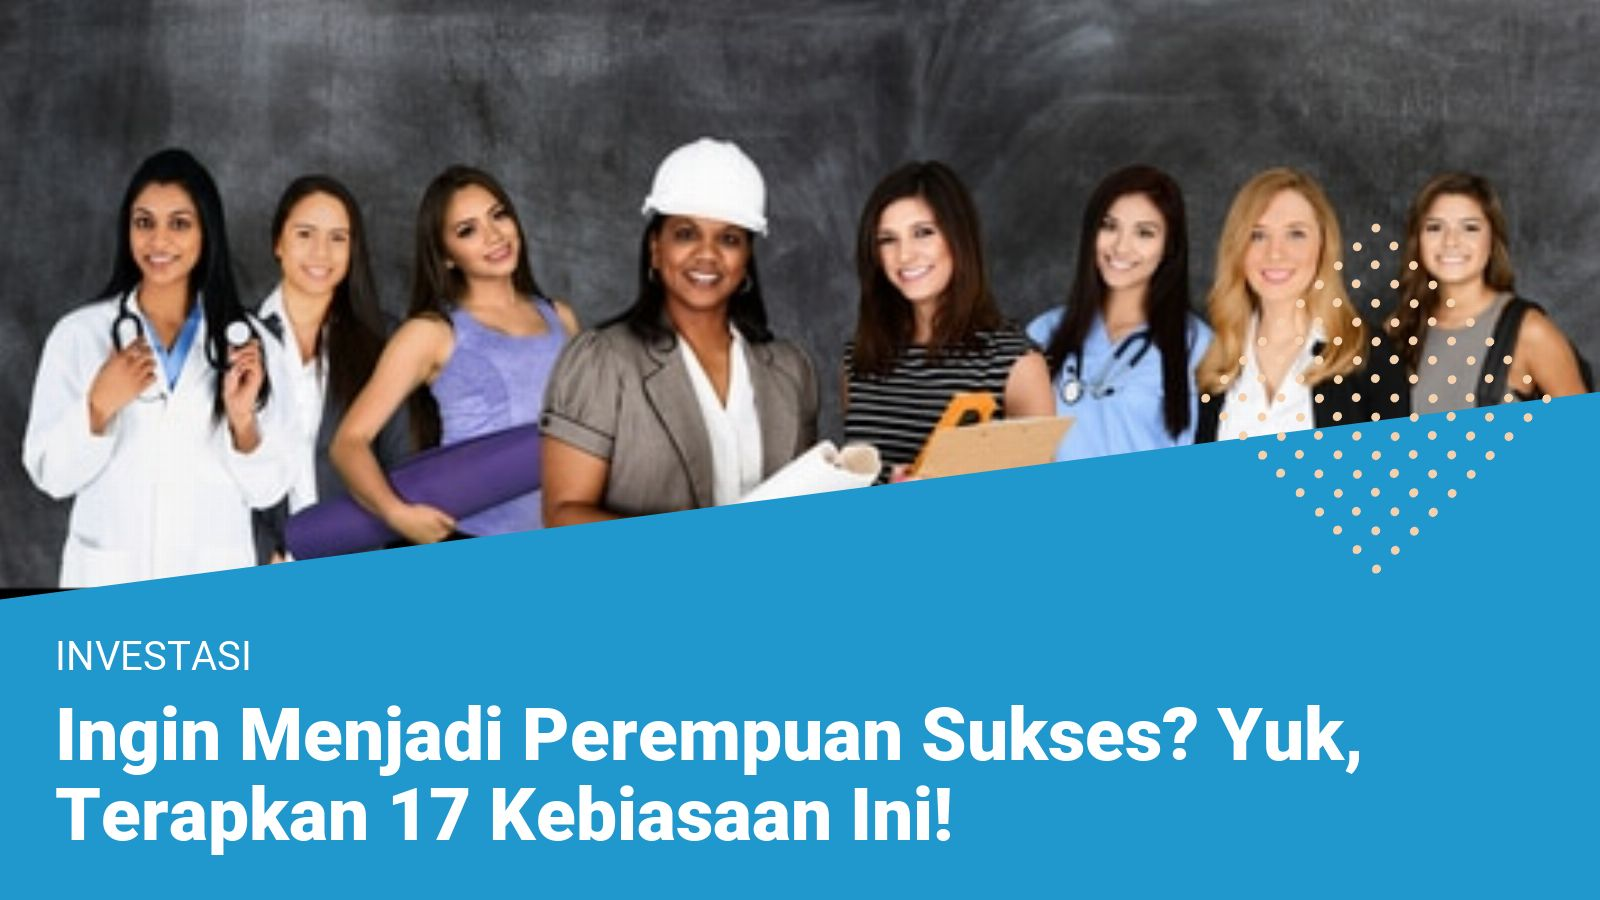 Ingin Menjadi Perempuan Sukses? Yuk, Terapkan 17 Kebiasaan Ini!